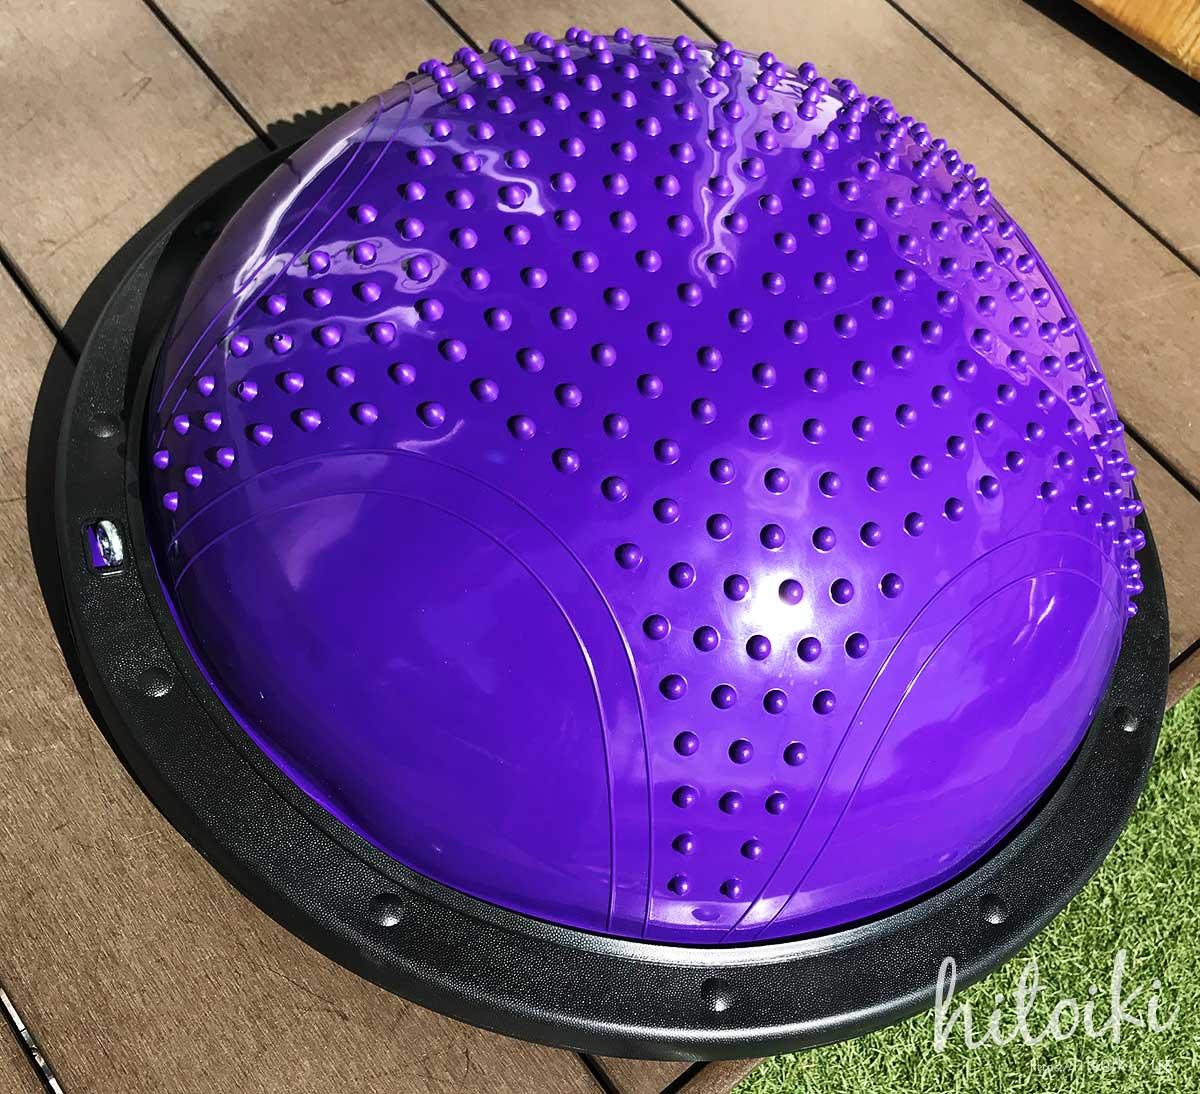 ボスボール風の半円型バランスボールでサーフィンやスノボーの室内トレーニングに! semicircular-balance-ball_img_3892